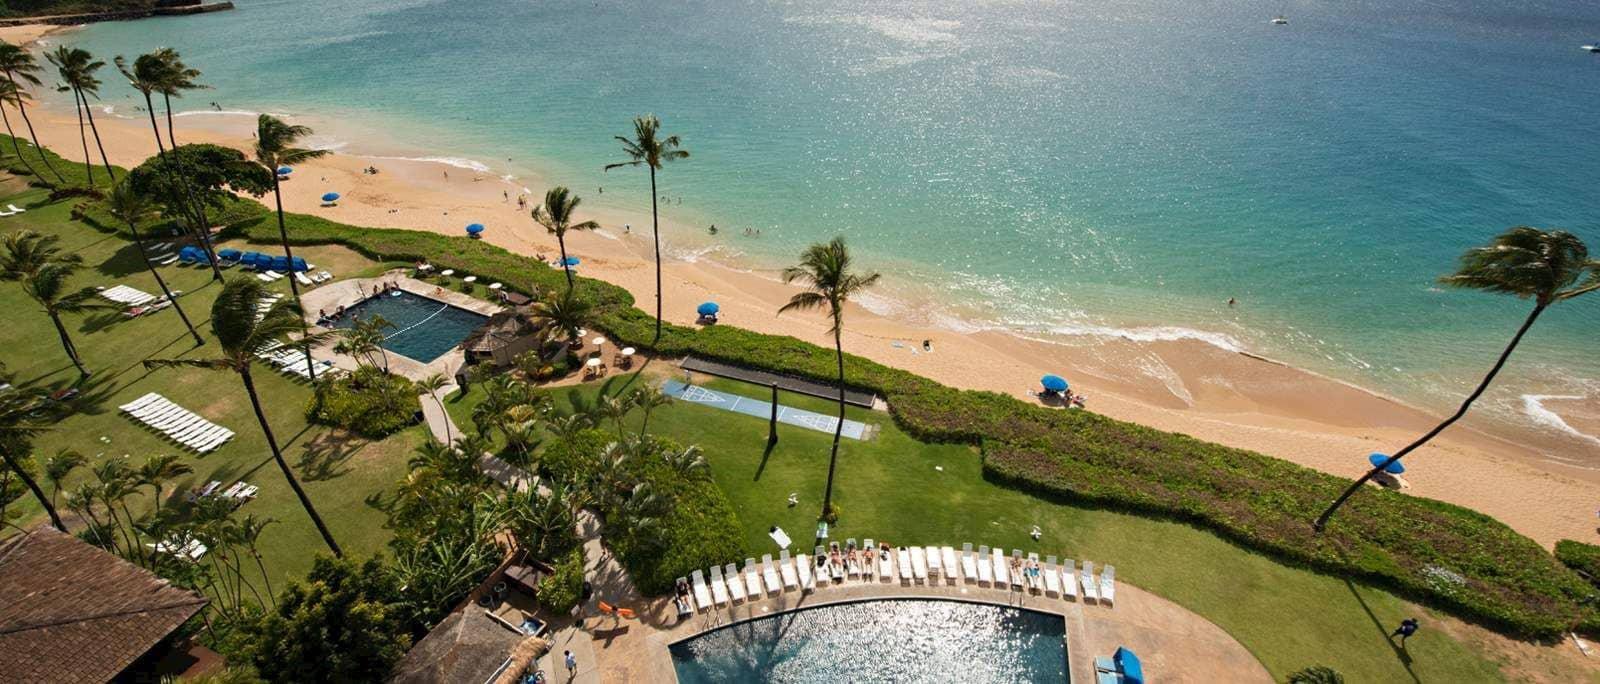 Royal Lahaina Resort of hawaii